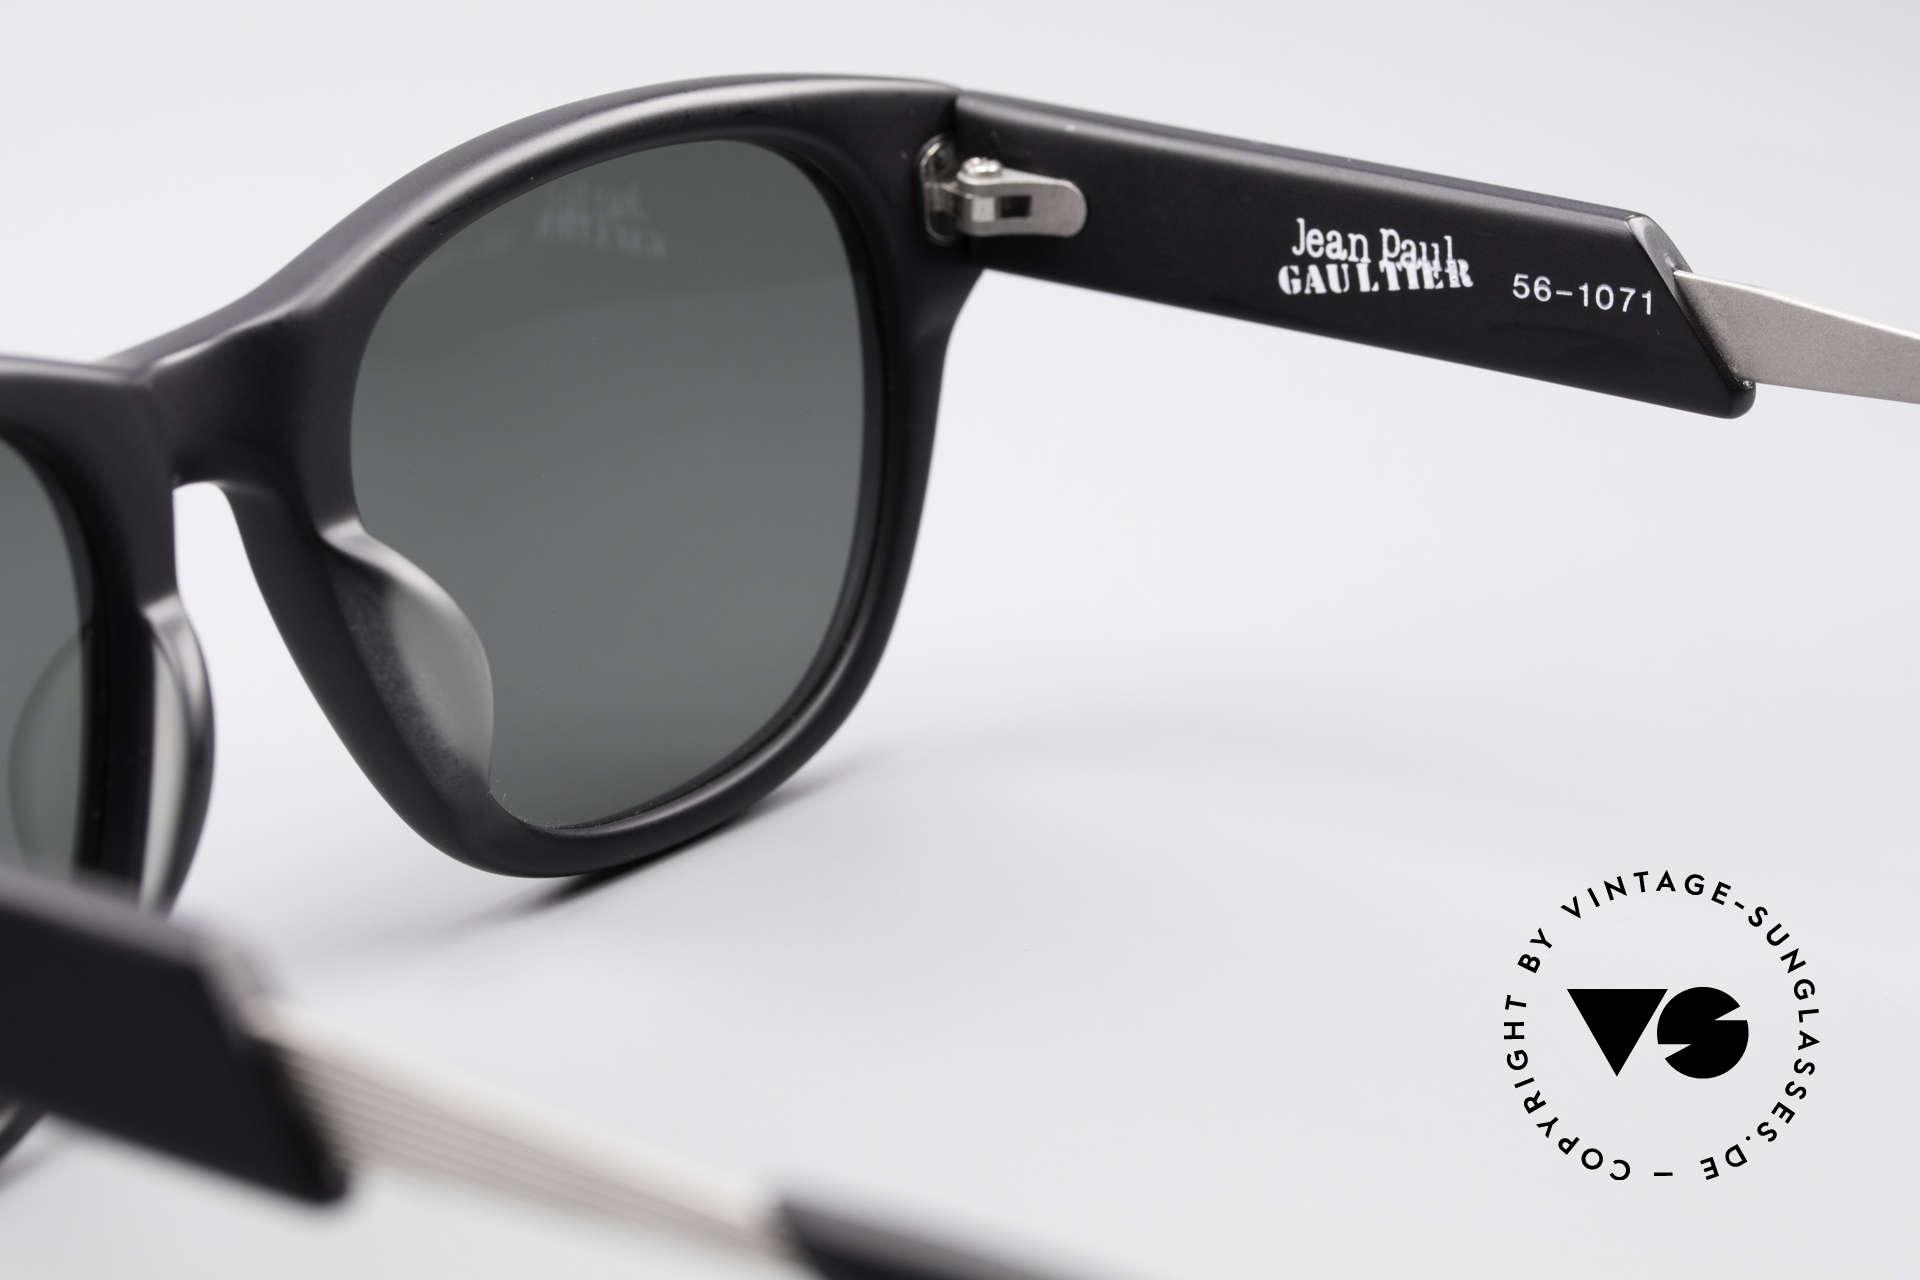 Jean Paul Gaultier 56-1071 Designer Vintage Sonnenbrille, Größe: medium, Passend für Herren und Damen